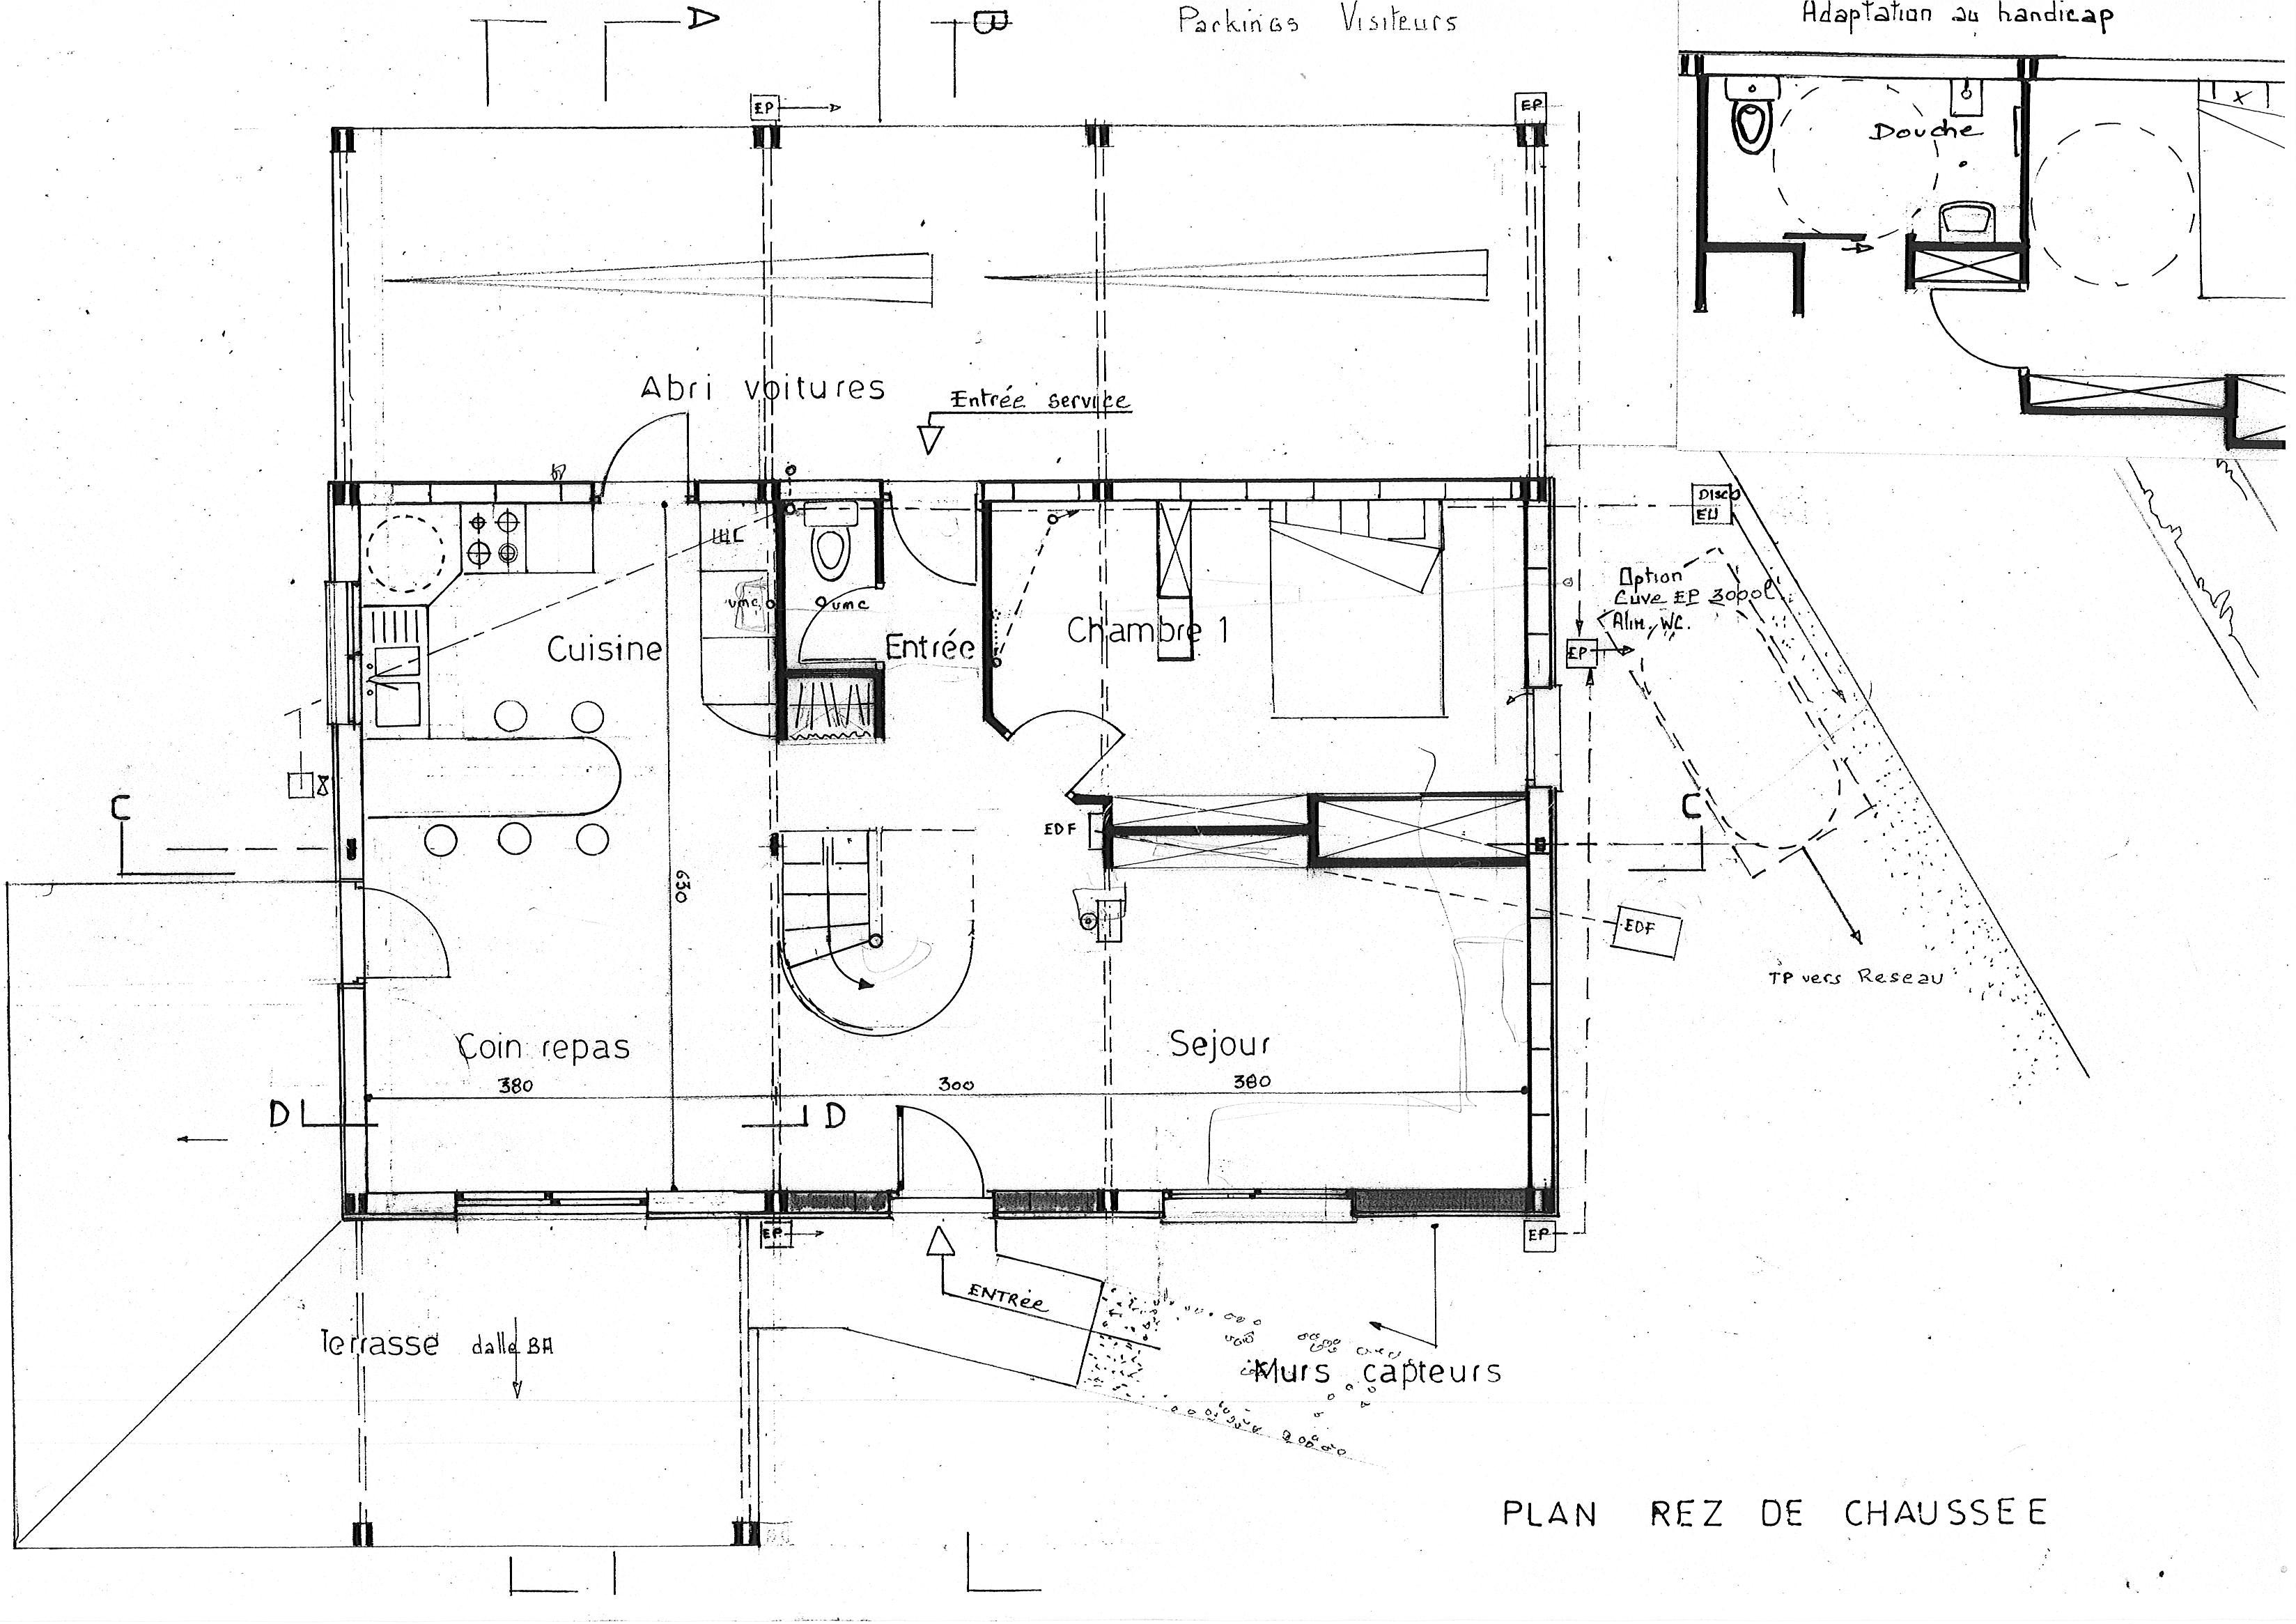 Plan d installation de chantier maison individuelle for Plant d une maison